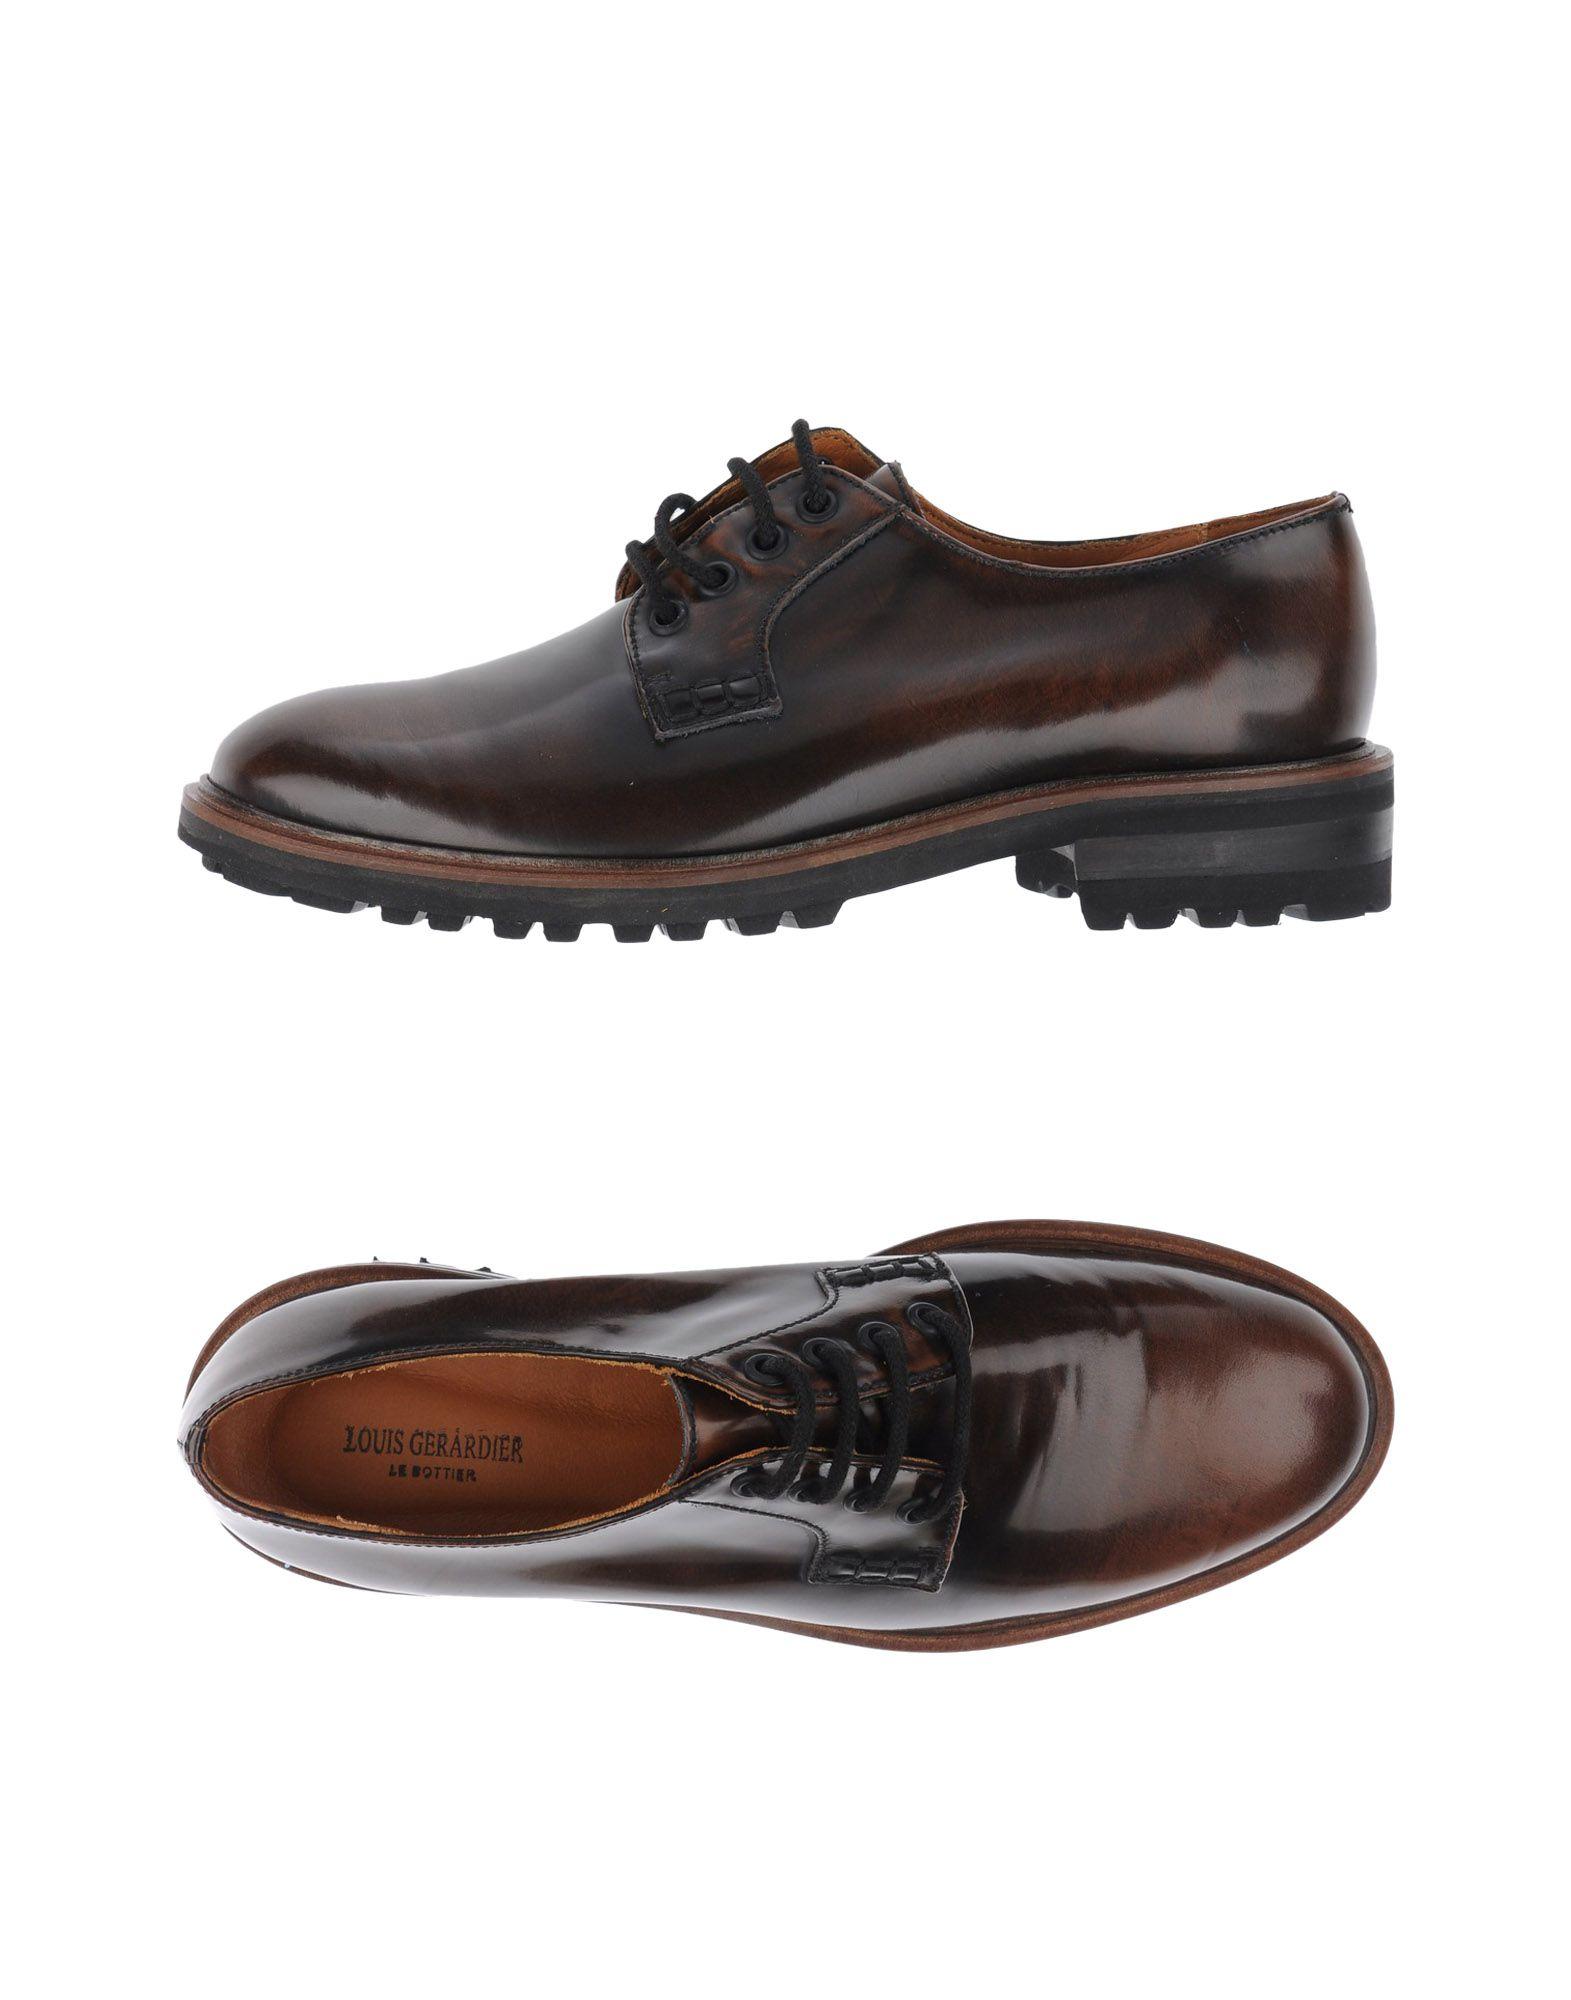 LOUIS GERARDIER Le Bottier Обувь на шнурках louis gerardier le bottier обувь на шнурках